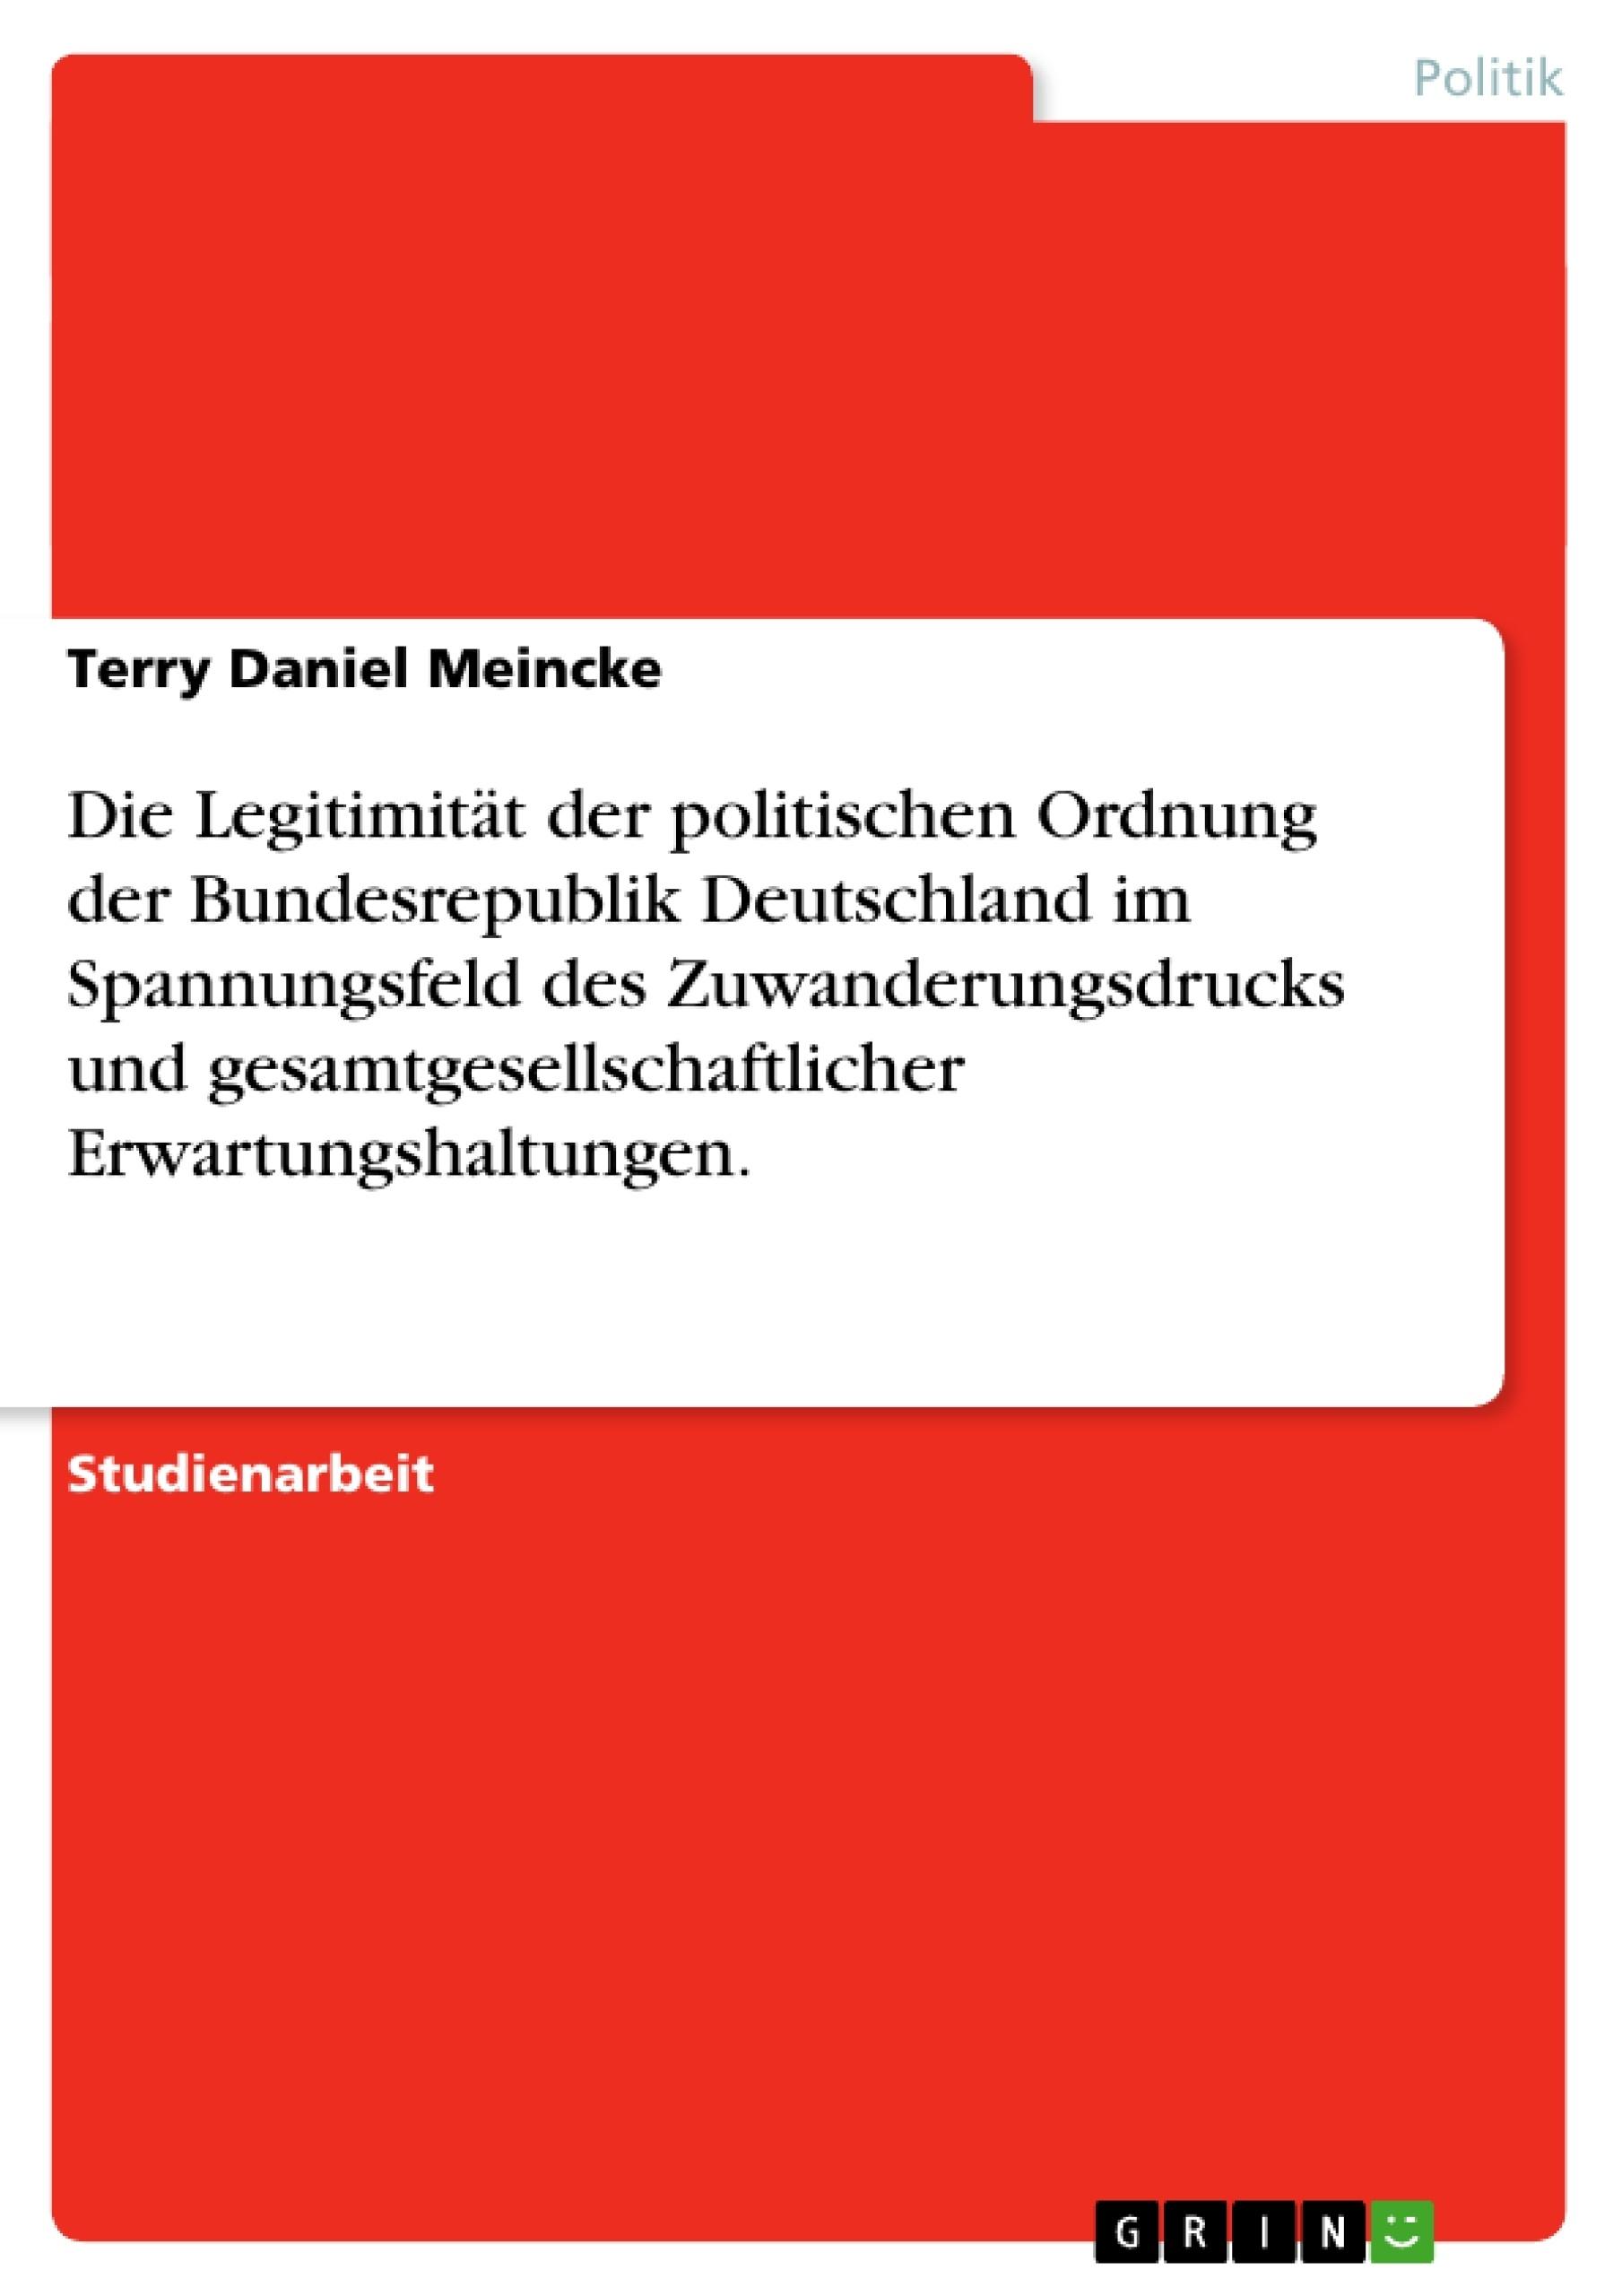 Titel: Die Legitimität der politischen Ordnung der Bundesrepublik Deutschland im Spannungsfeld des Zuwanderungsdrucks und gesamtgesellschaftlicher Erwartungshaltungen.